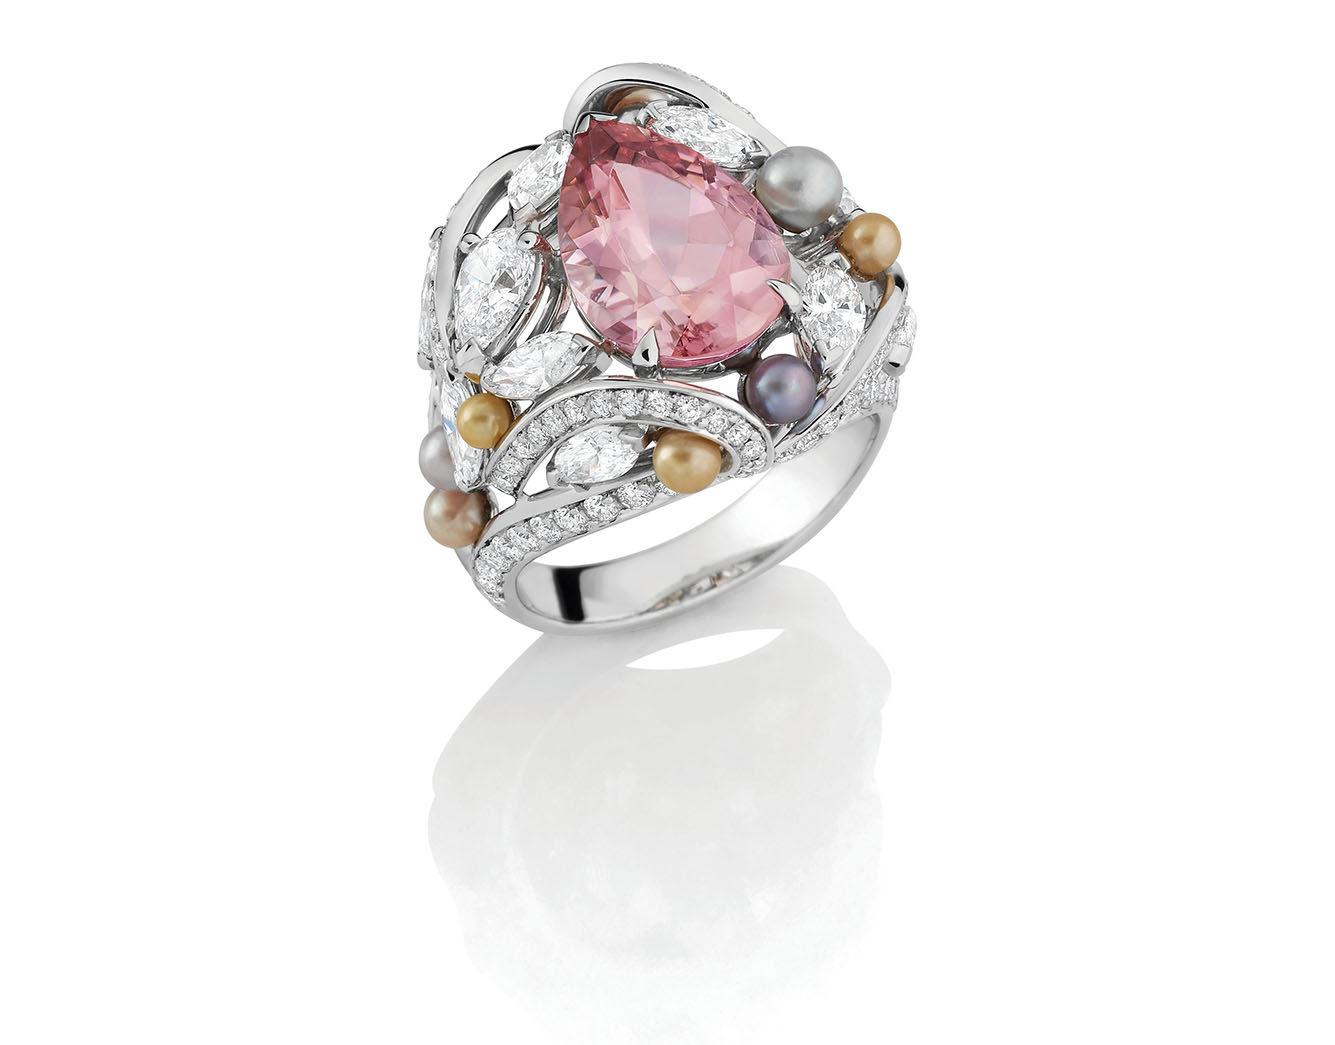 MELLERIO - Bague Likoma - Tourmaline rose taille poire - 4,18 ct, 10 perles fines roses, grises, blanches et dorées, Diamants et Or Gris